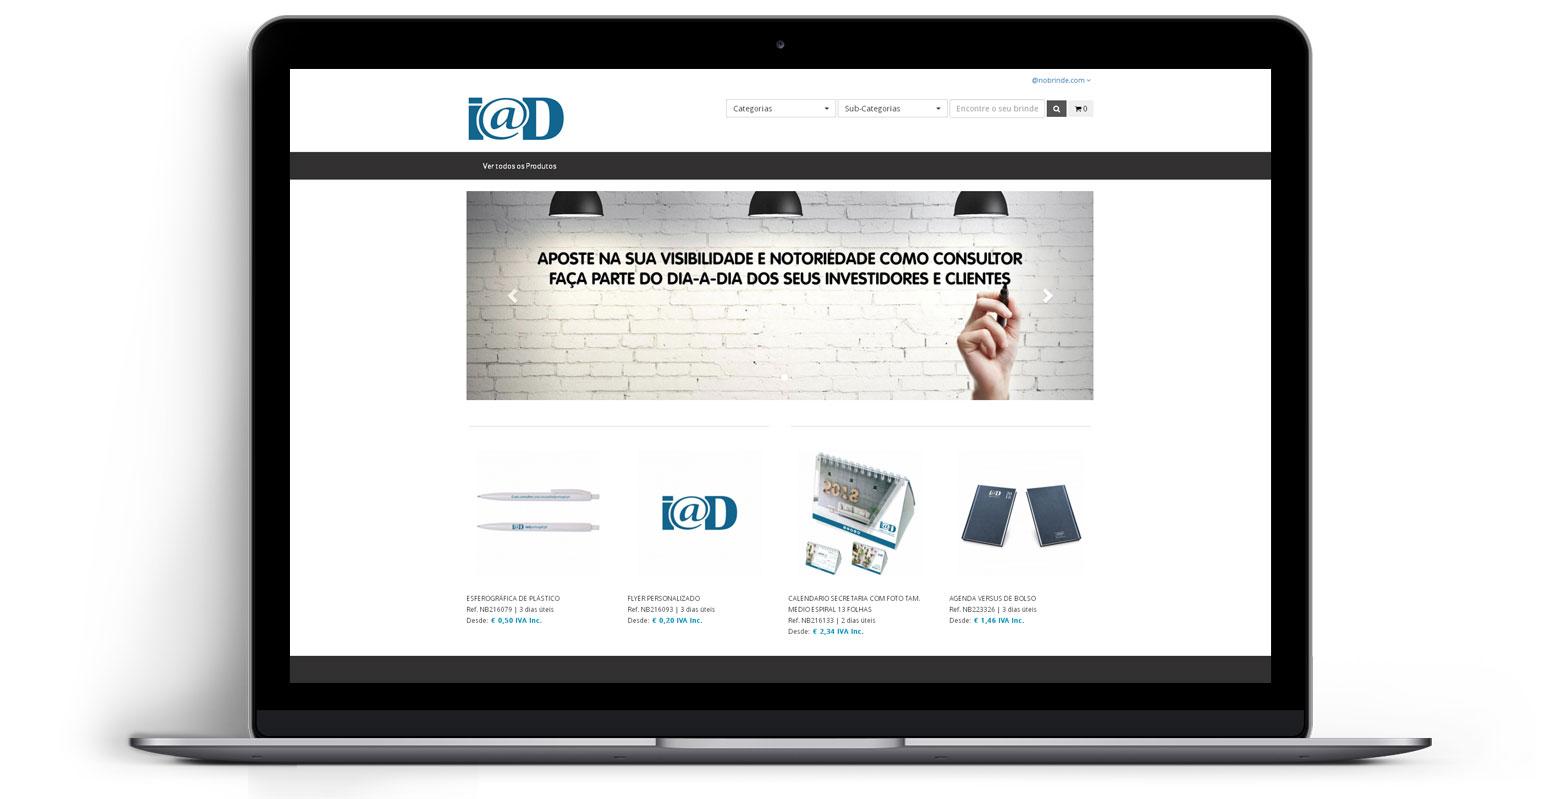 Loja Virtual - Linha de Produtos e Merchandising - I@D Portugal